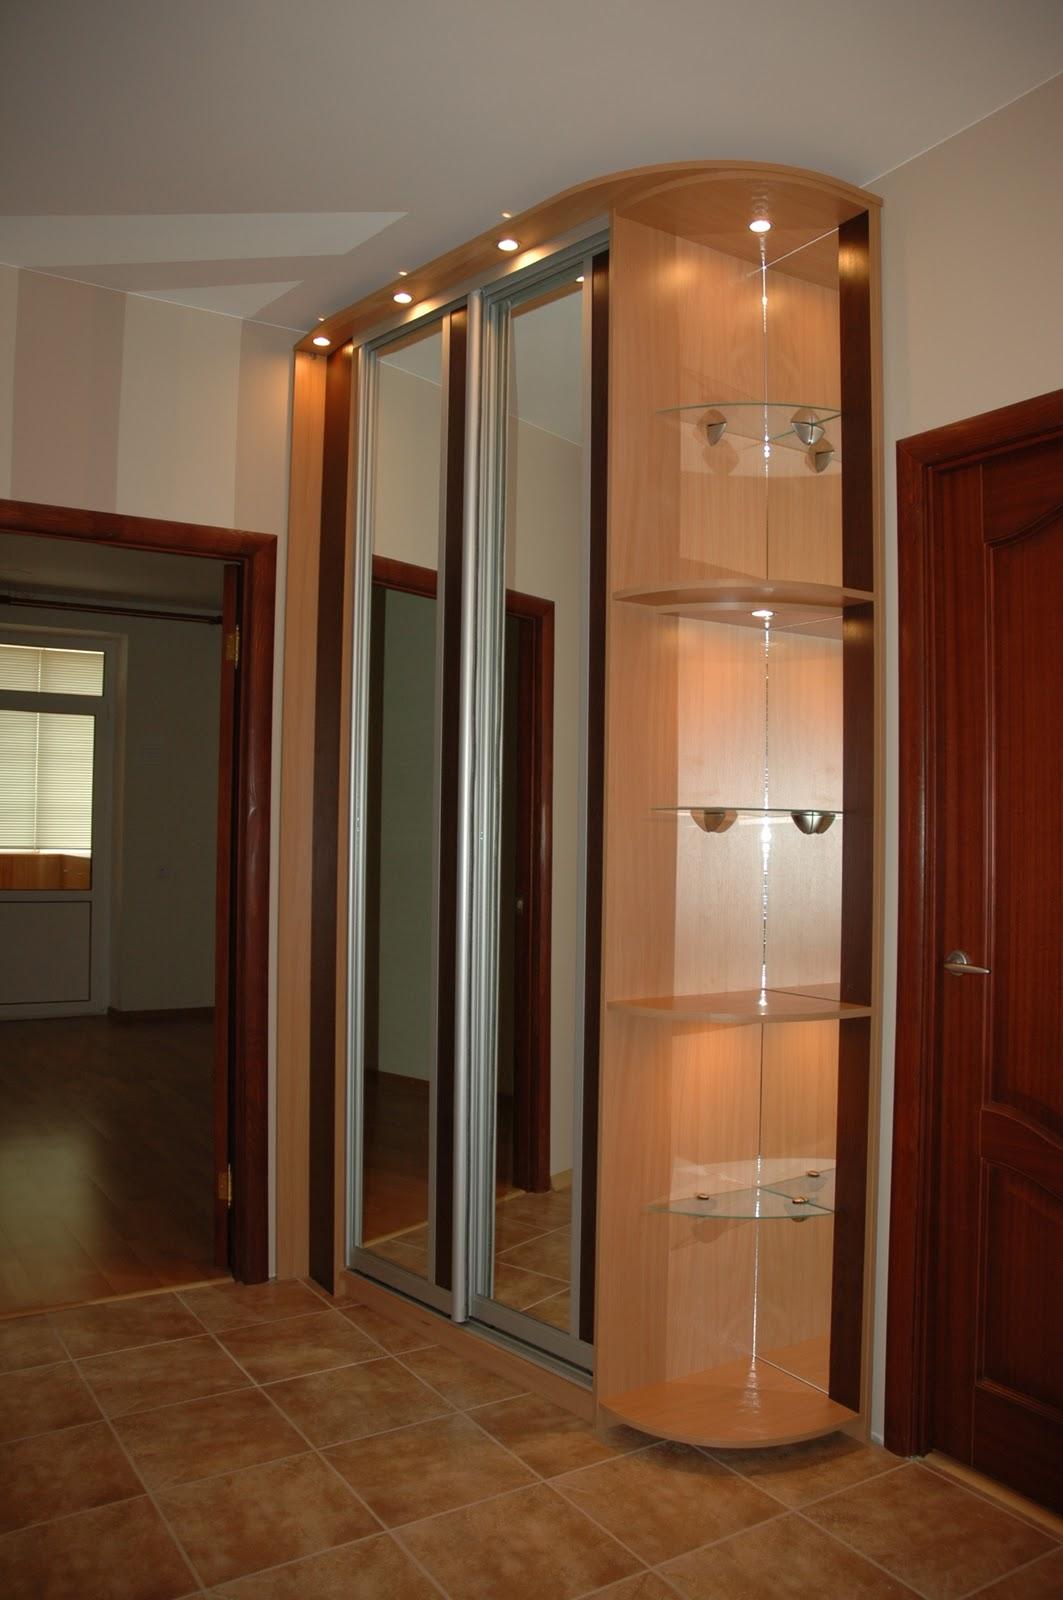 Furniture & Interior: Modern Wardrobe & Cabinet